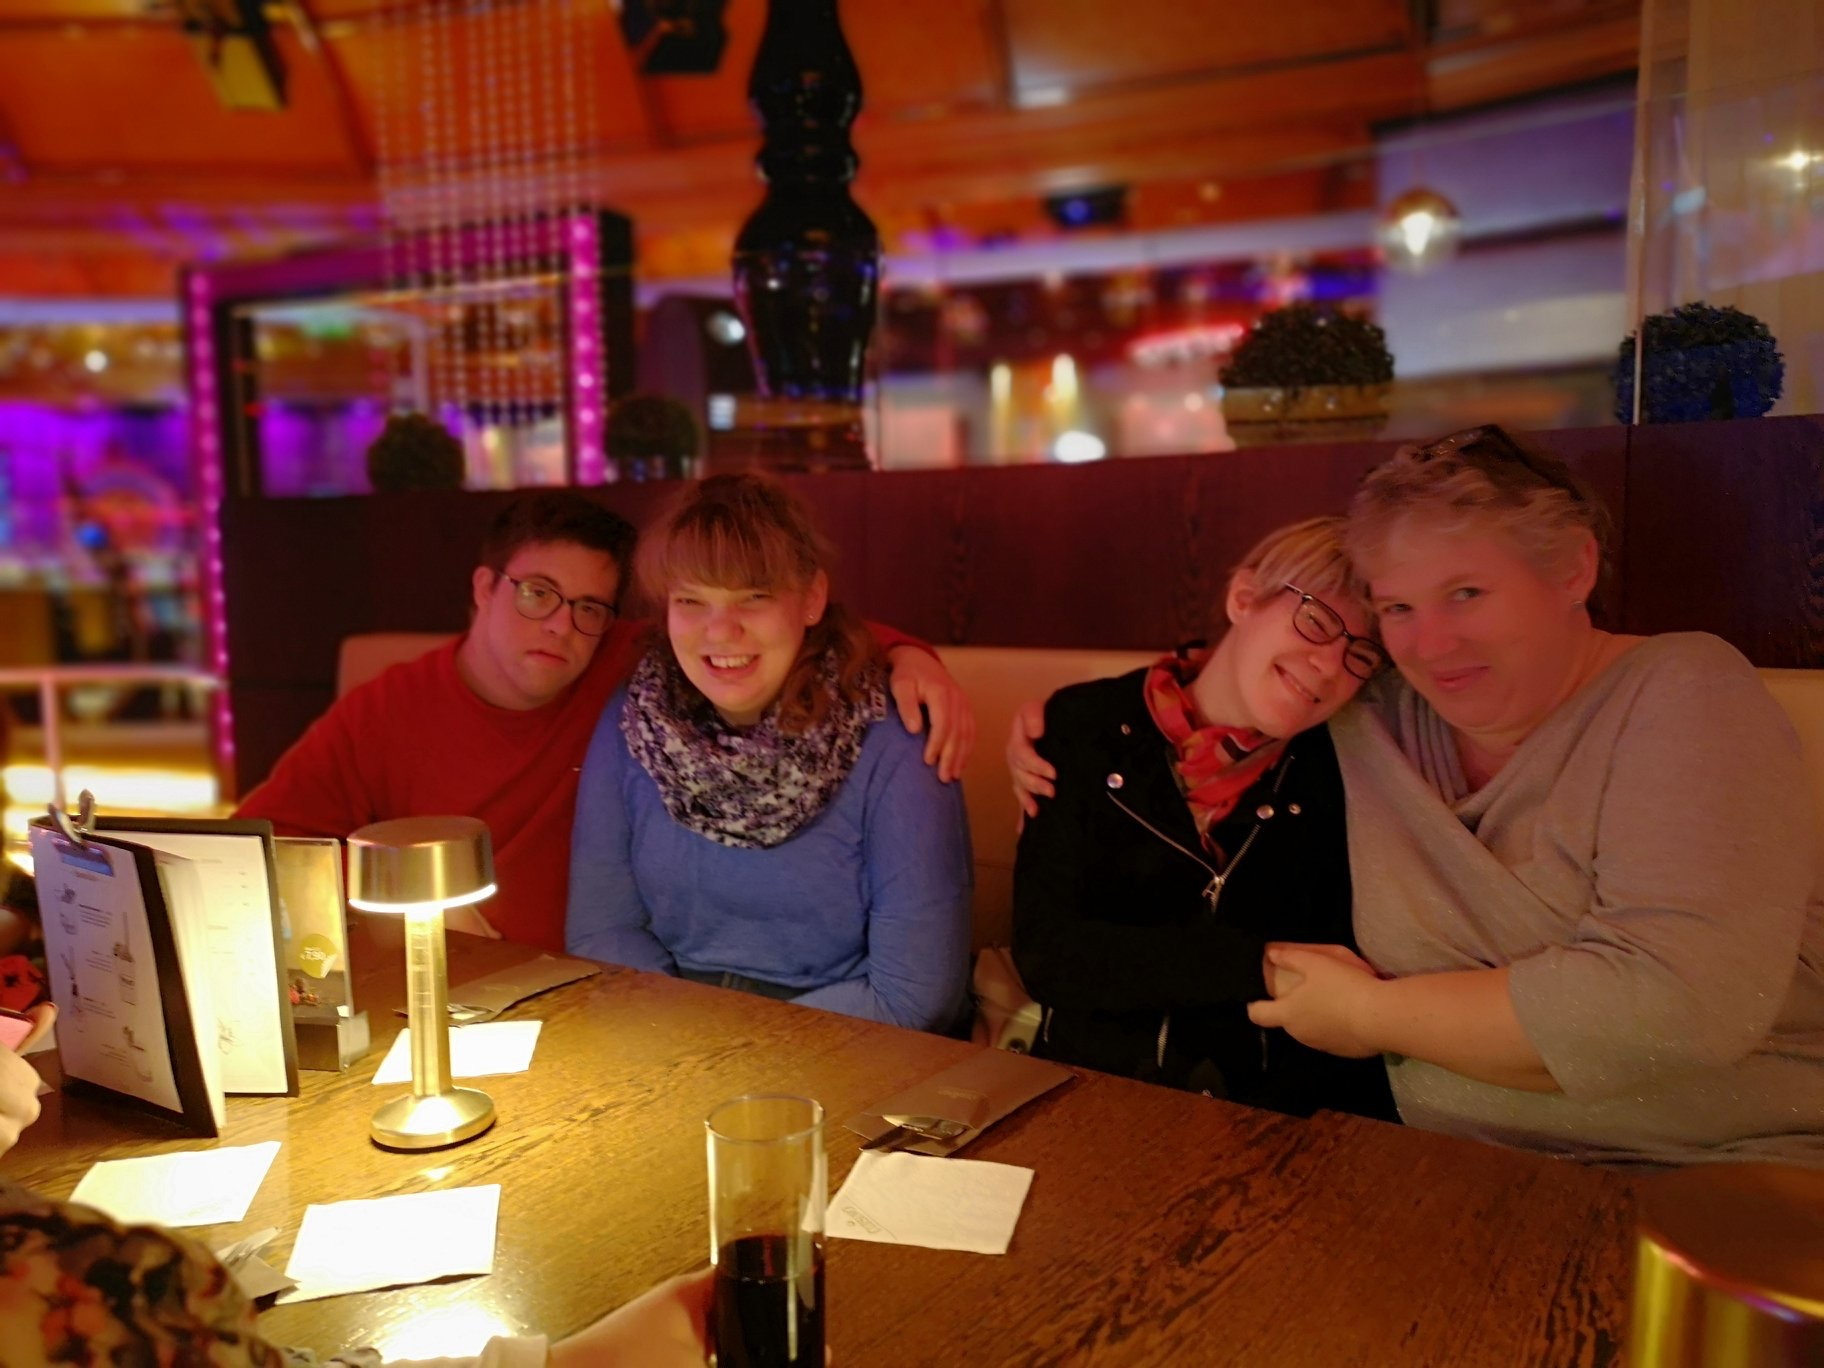 Klientinnen und Klienten beim warten auf essen und Getränke im Casino Veden